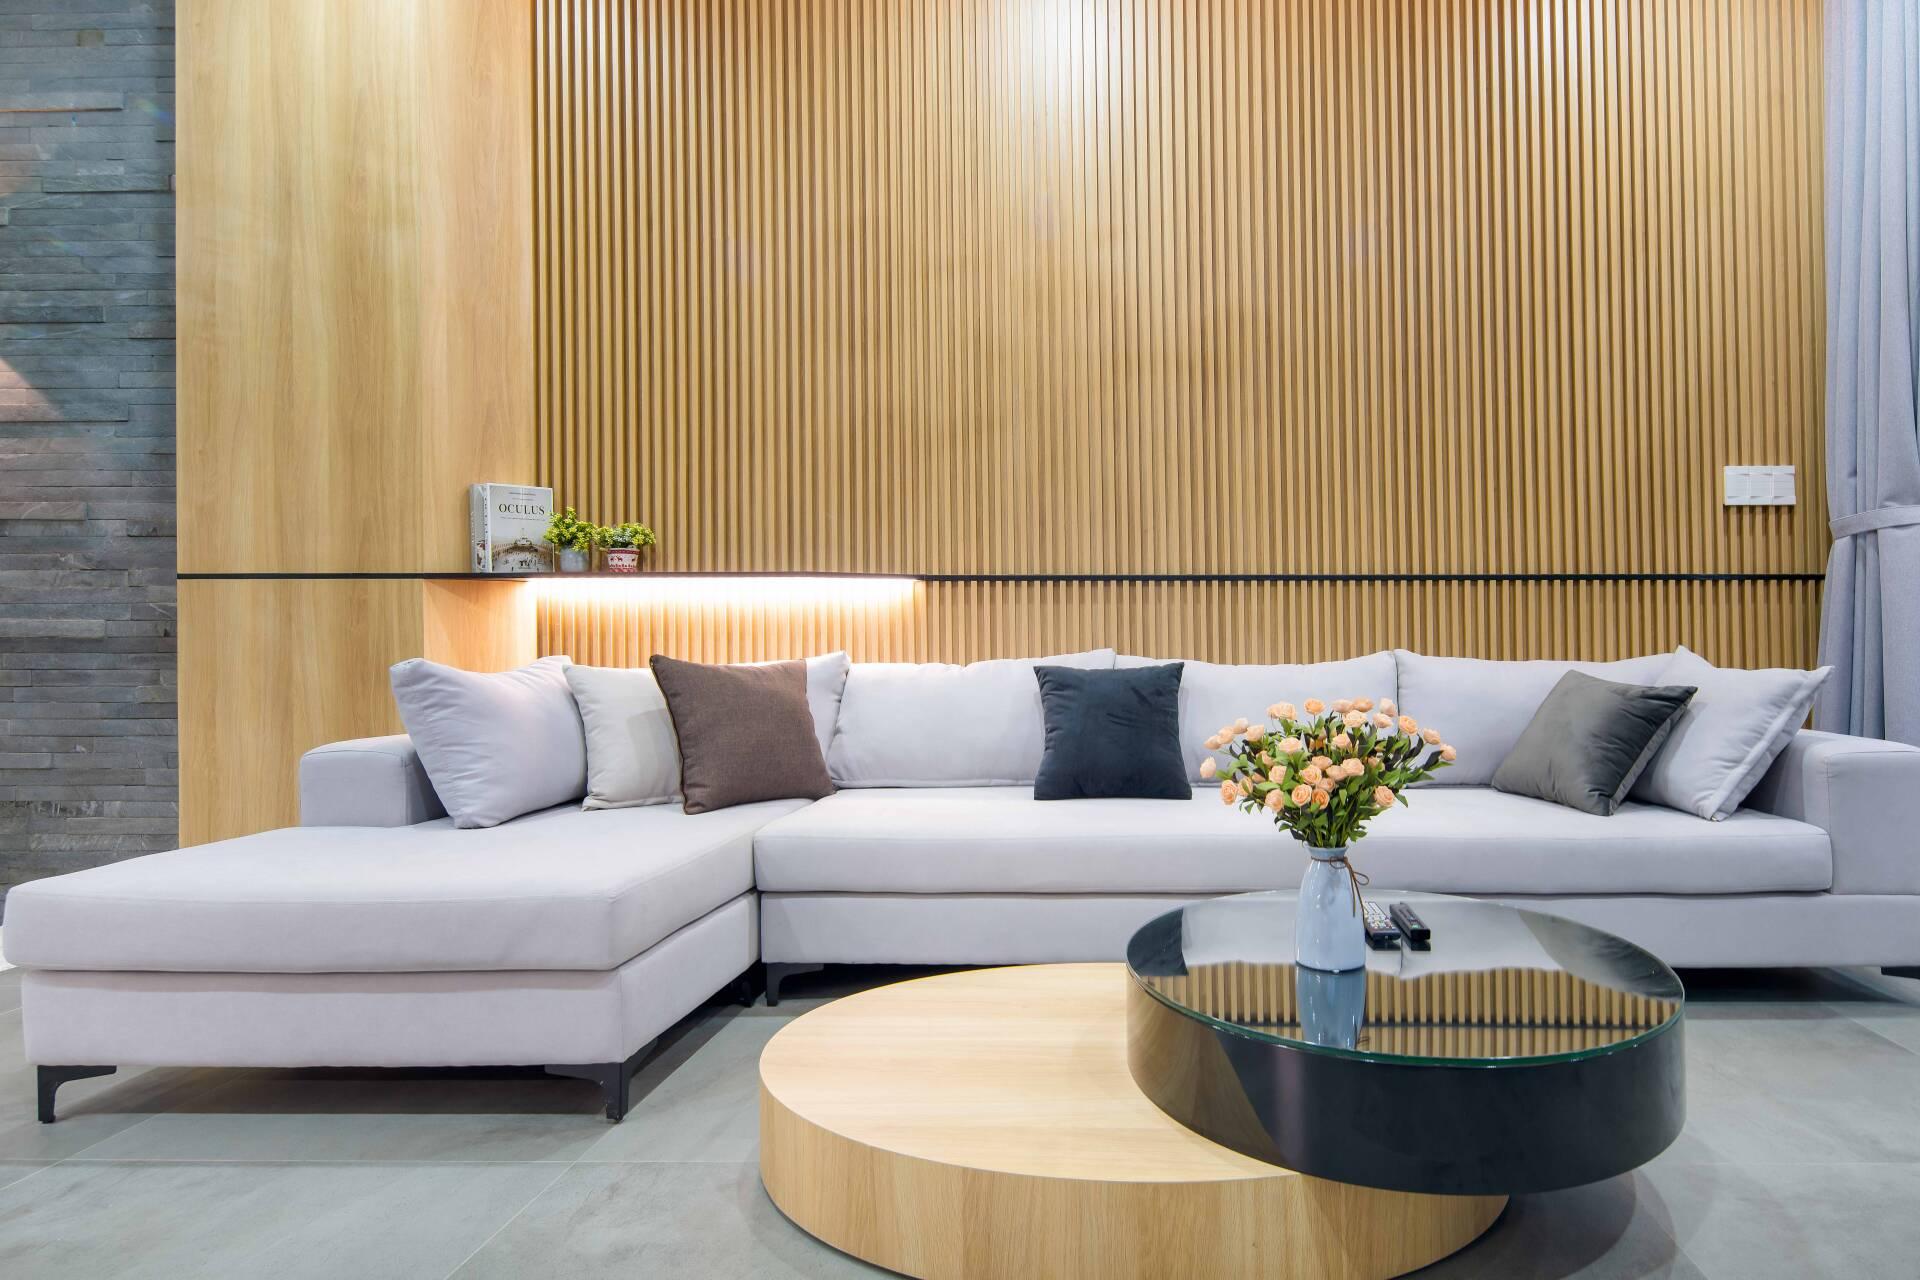 Để không gian có điểm nhấn, tường phía sau ghế sofa được ốp lam gỗ sáng màu